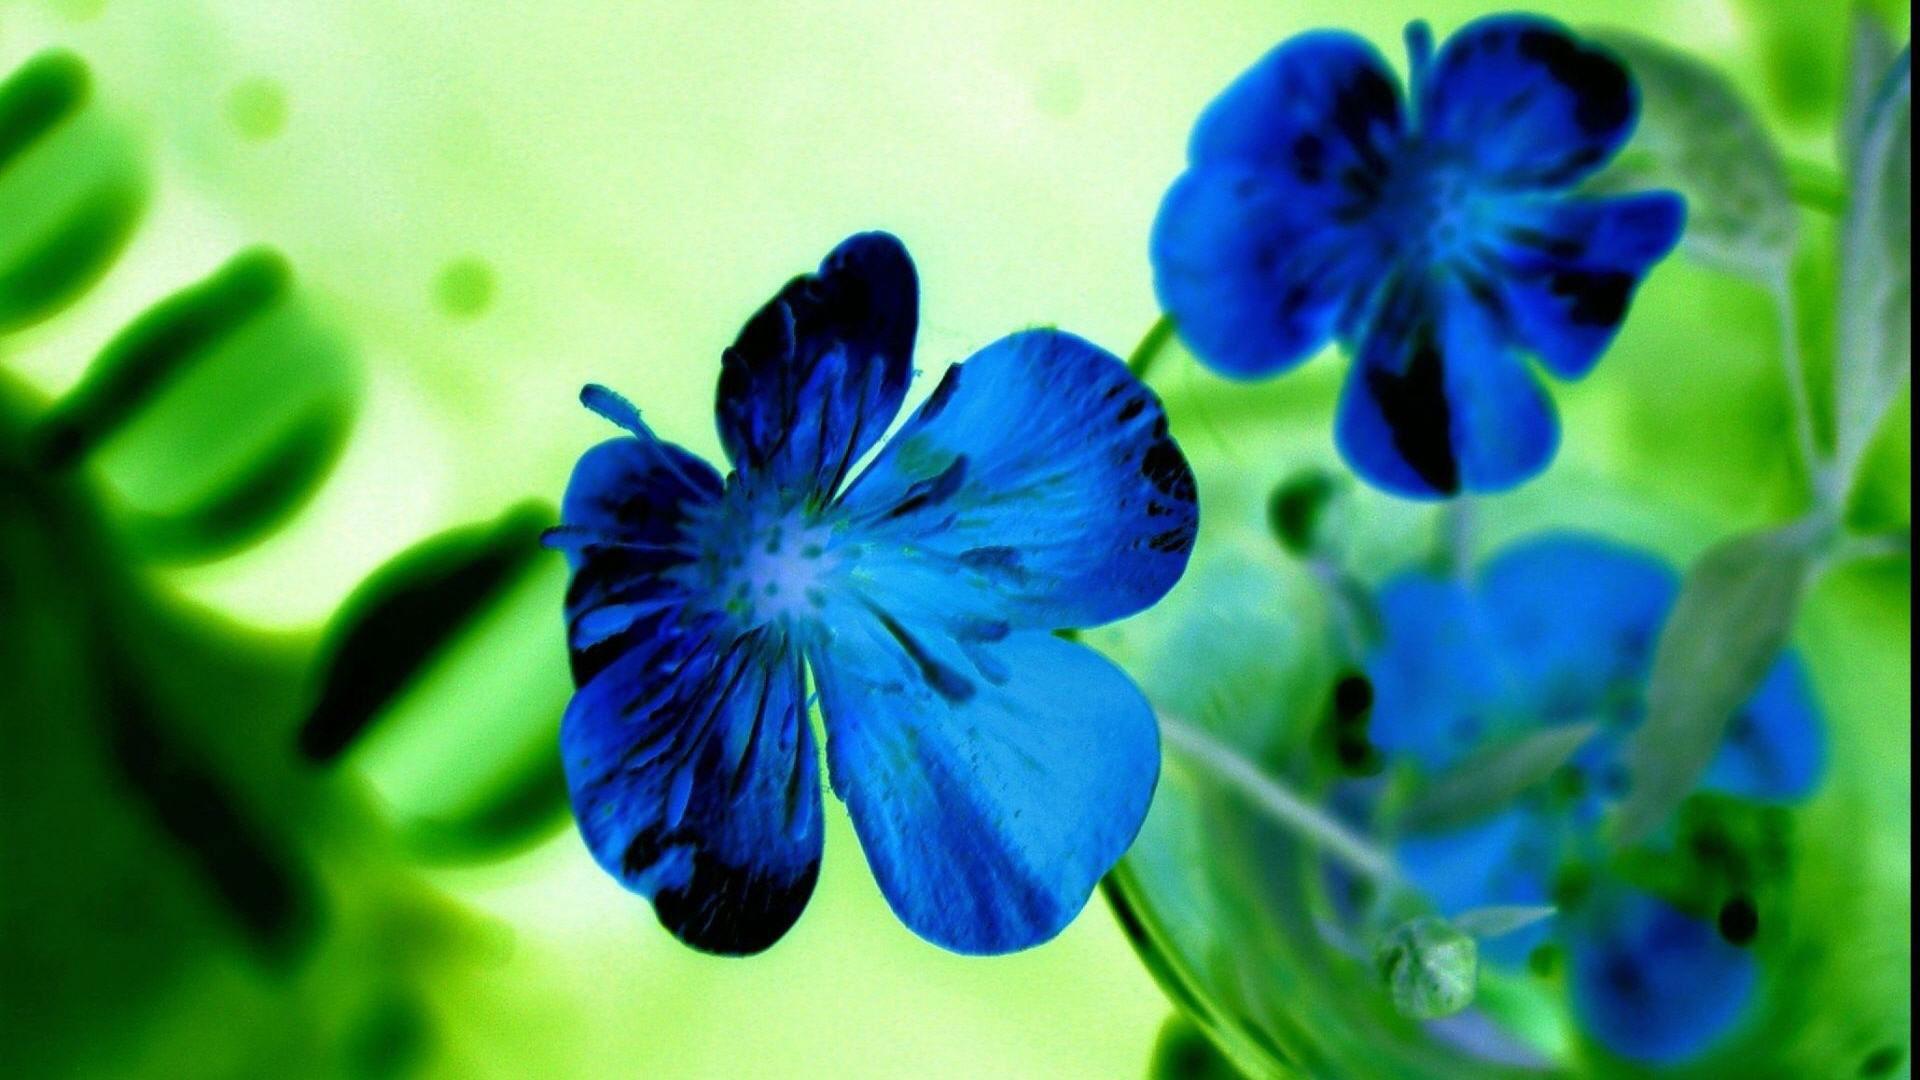 hd pics photos flowers blue green desktop background wallpaper